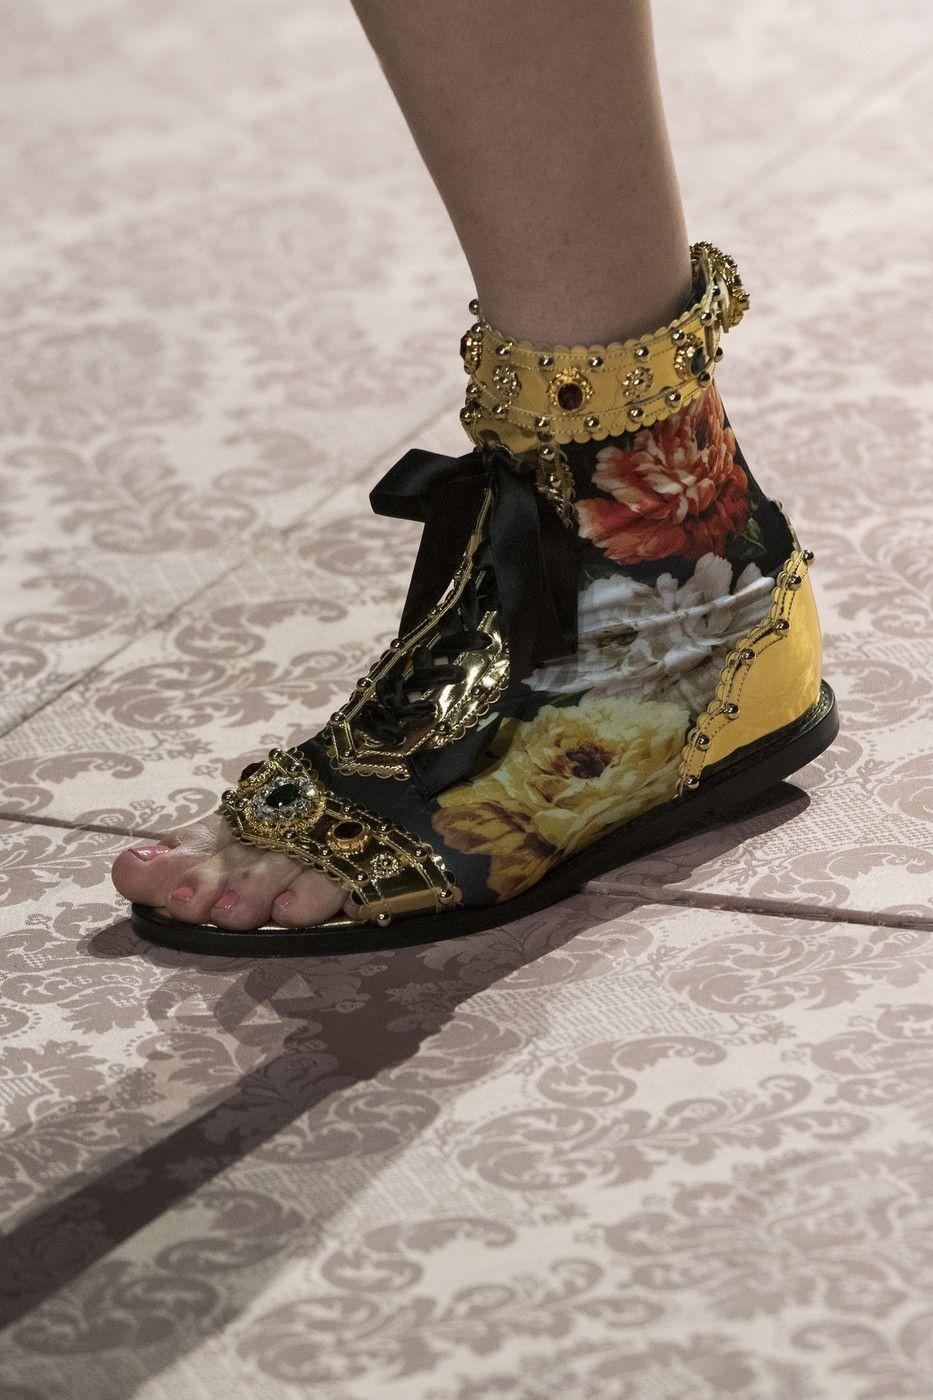 Dolce & Gabbana at Milan Fashion Week Spring 2019   Fashion